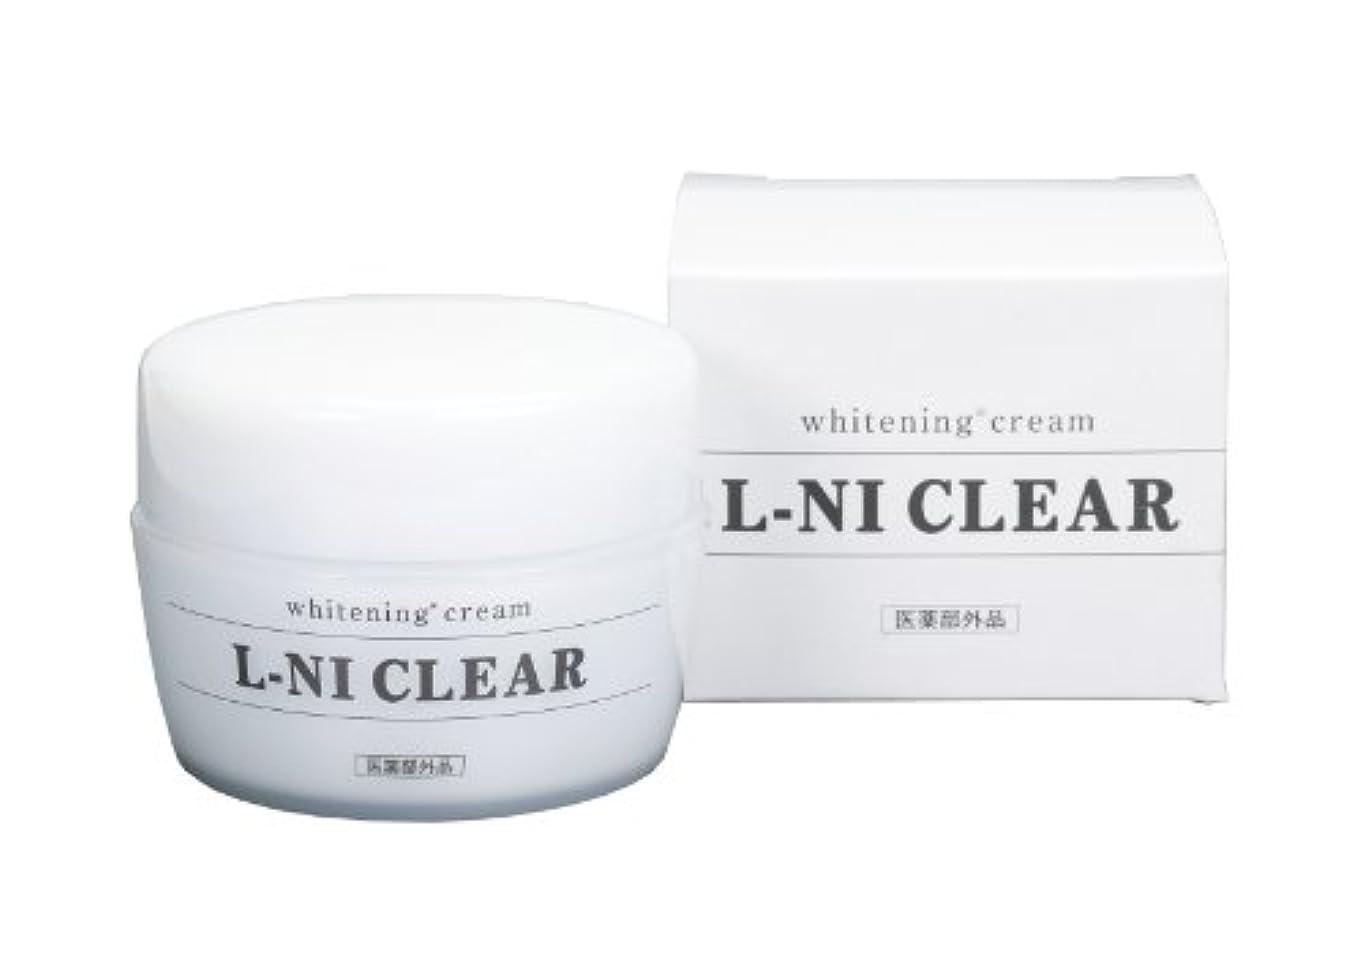 部潜水艦時間とともに薬用 L-NI CLEAR